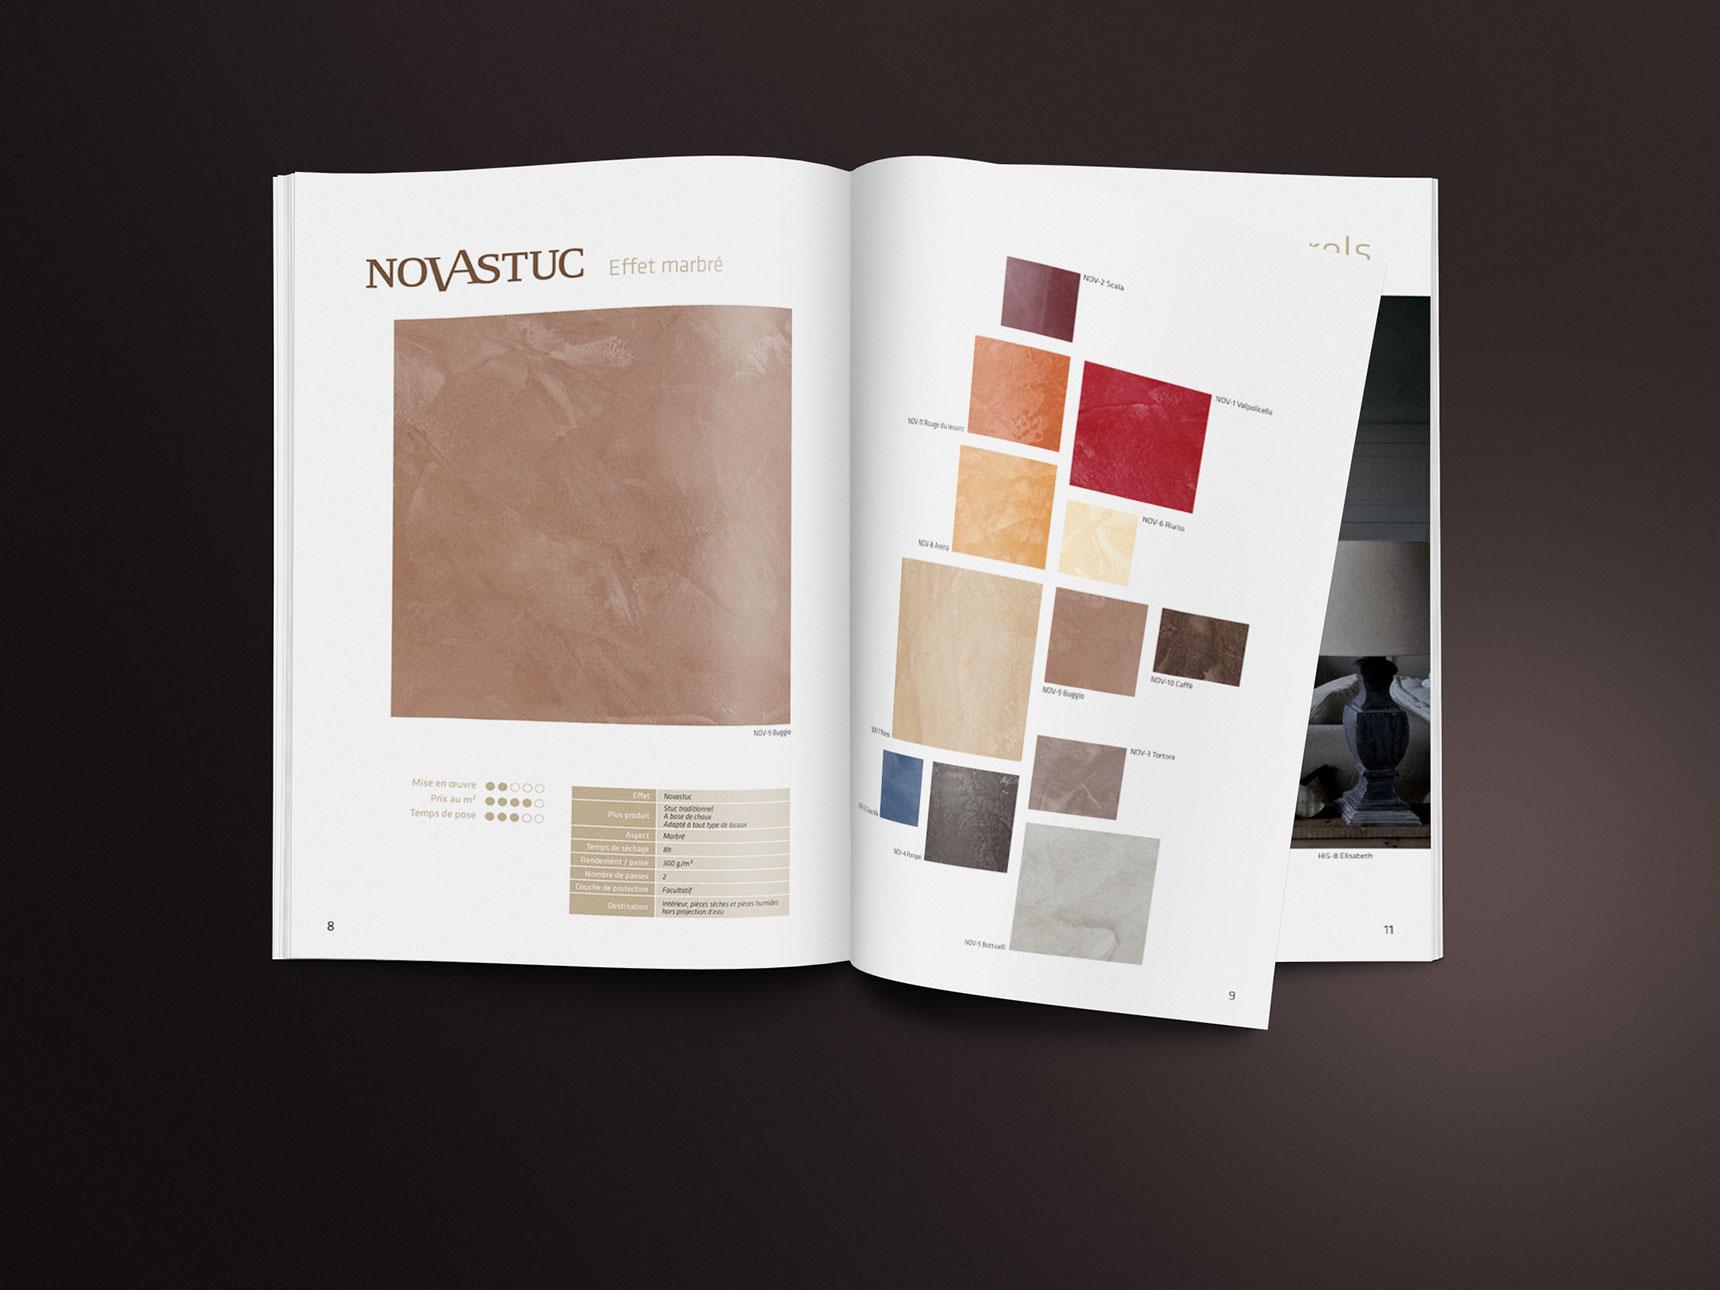 Nuancier couleur de tollens sans titre with nuancier - Nuancier peinture tollens ...